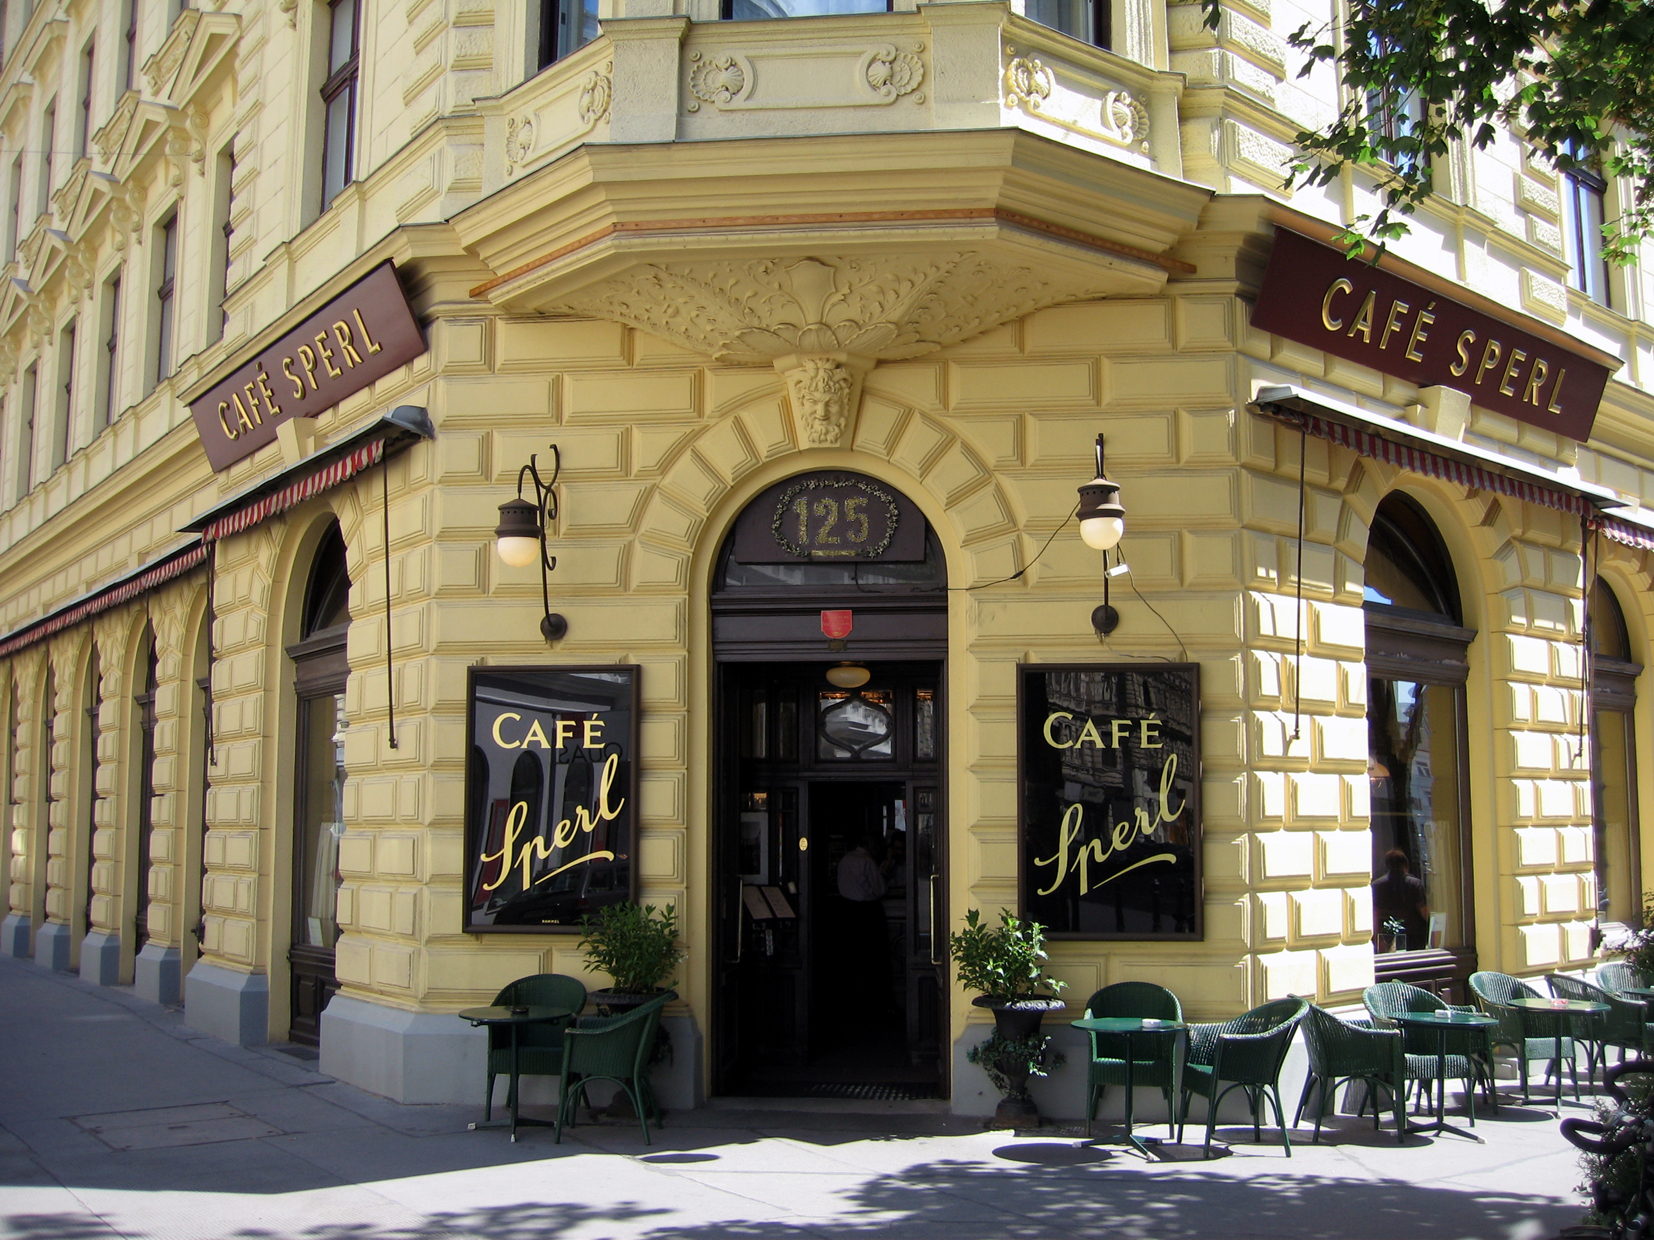 Cafe Sperl Wien